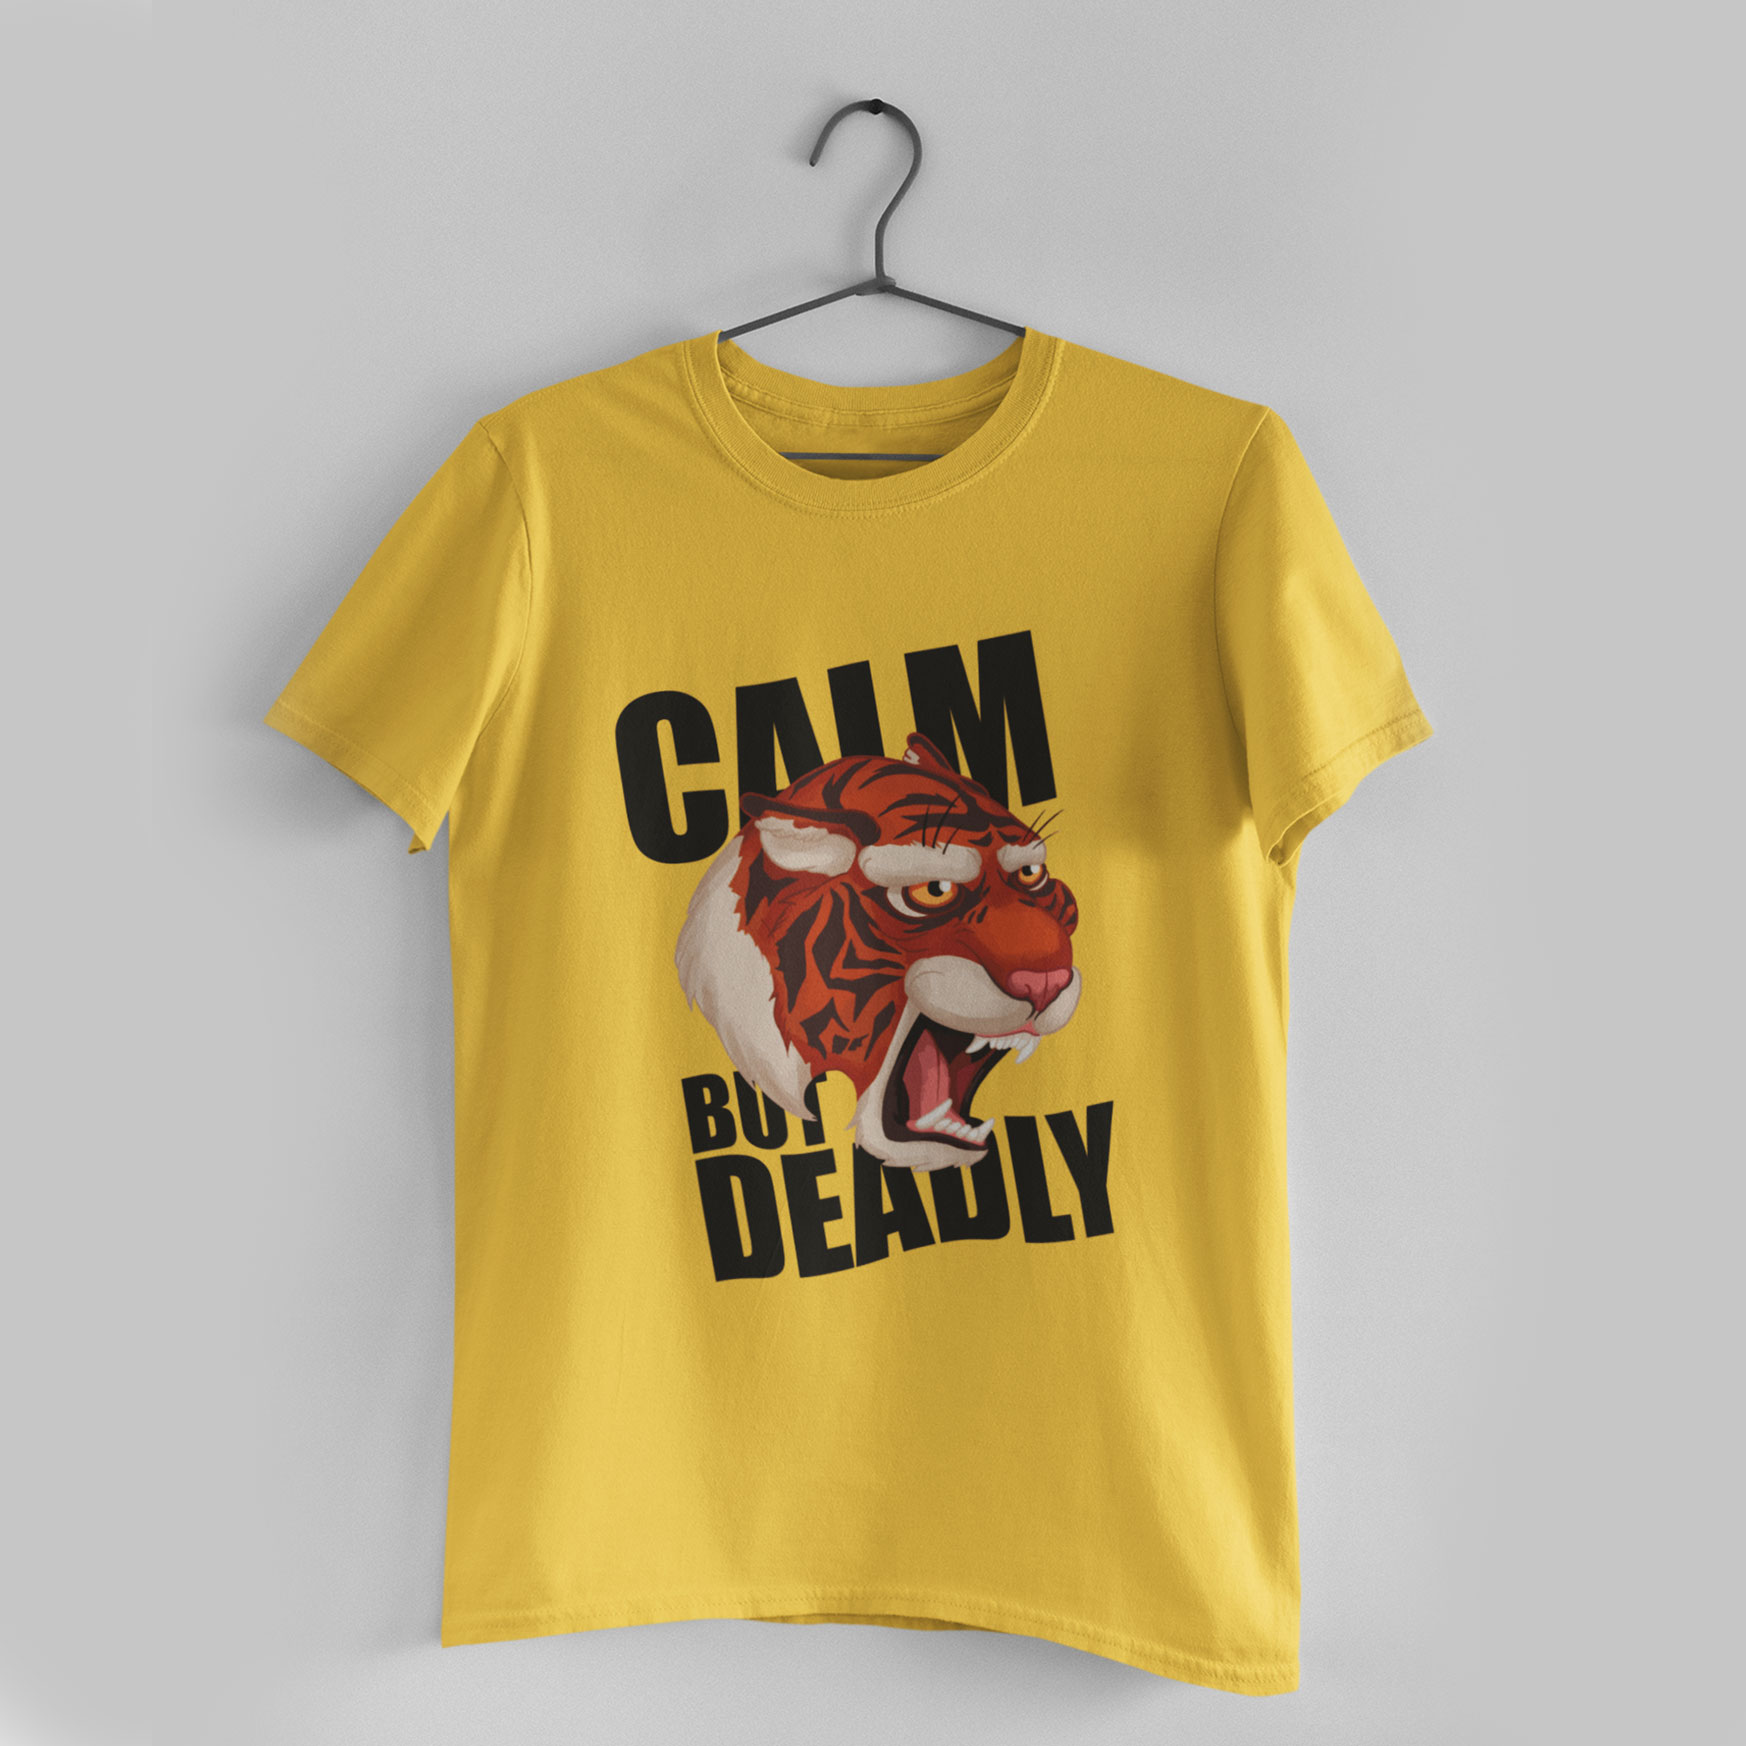 Calm But Deadly Golden Yellow T-Shirt